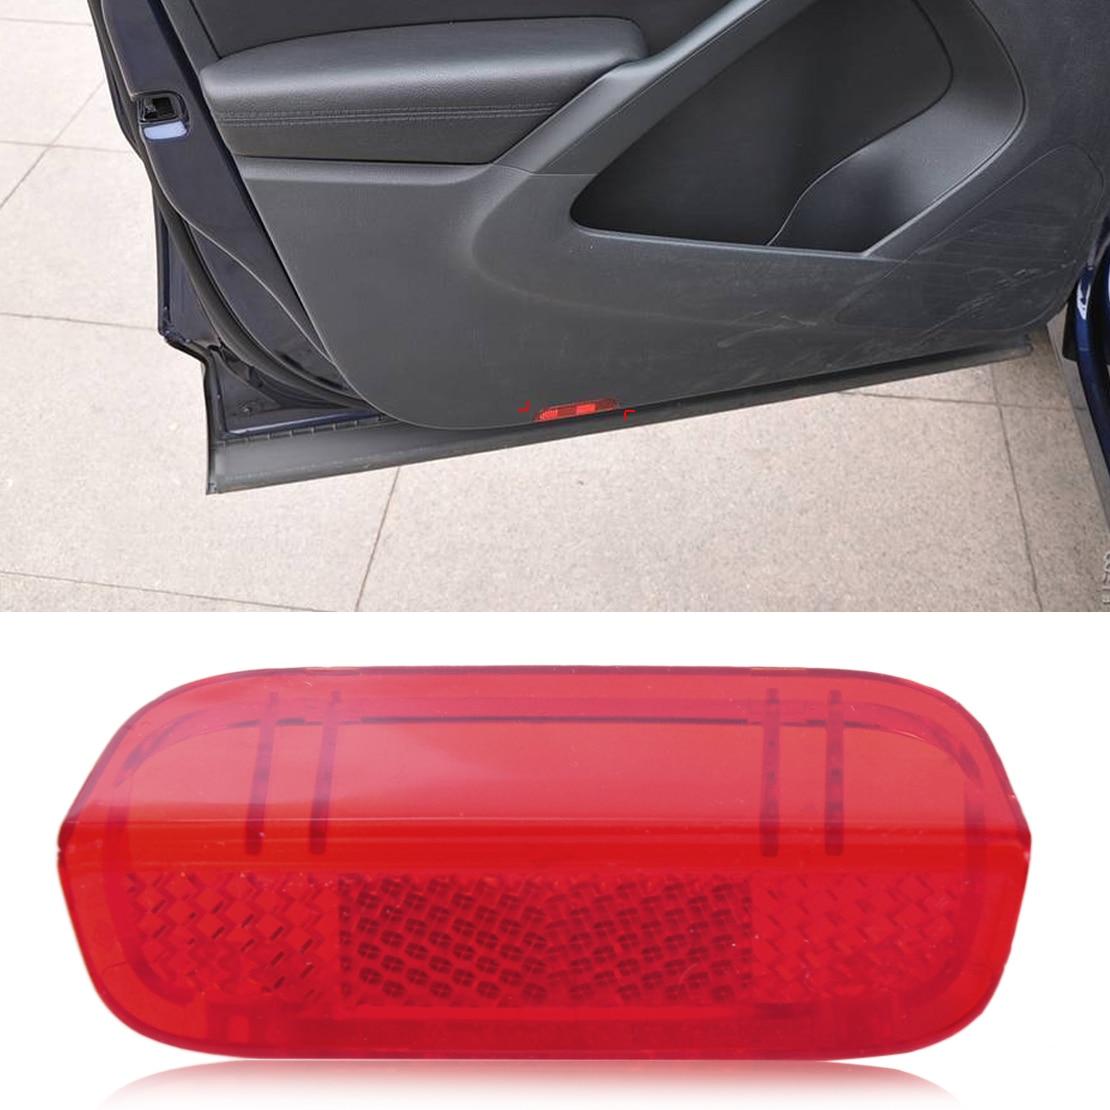 DWCX 1KD947419 1K0947419A Красной двери панель свет линзы отражатель для VW Passat В6 В7 СС, Джетта МК5 Гольф mk6 2011 2012 2013